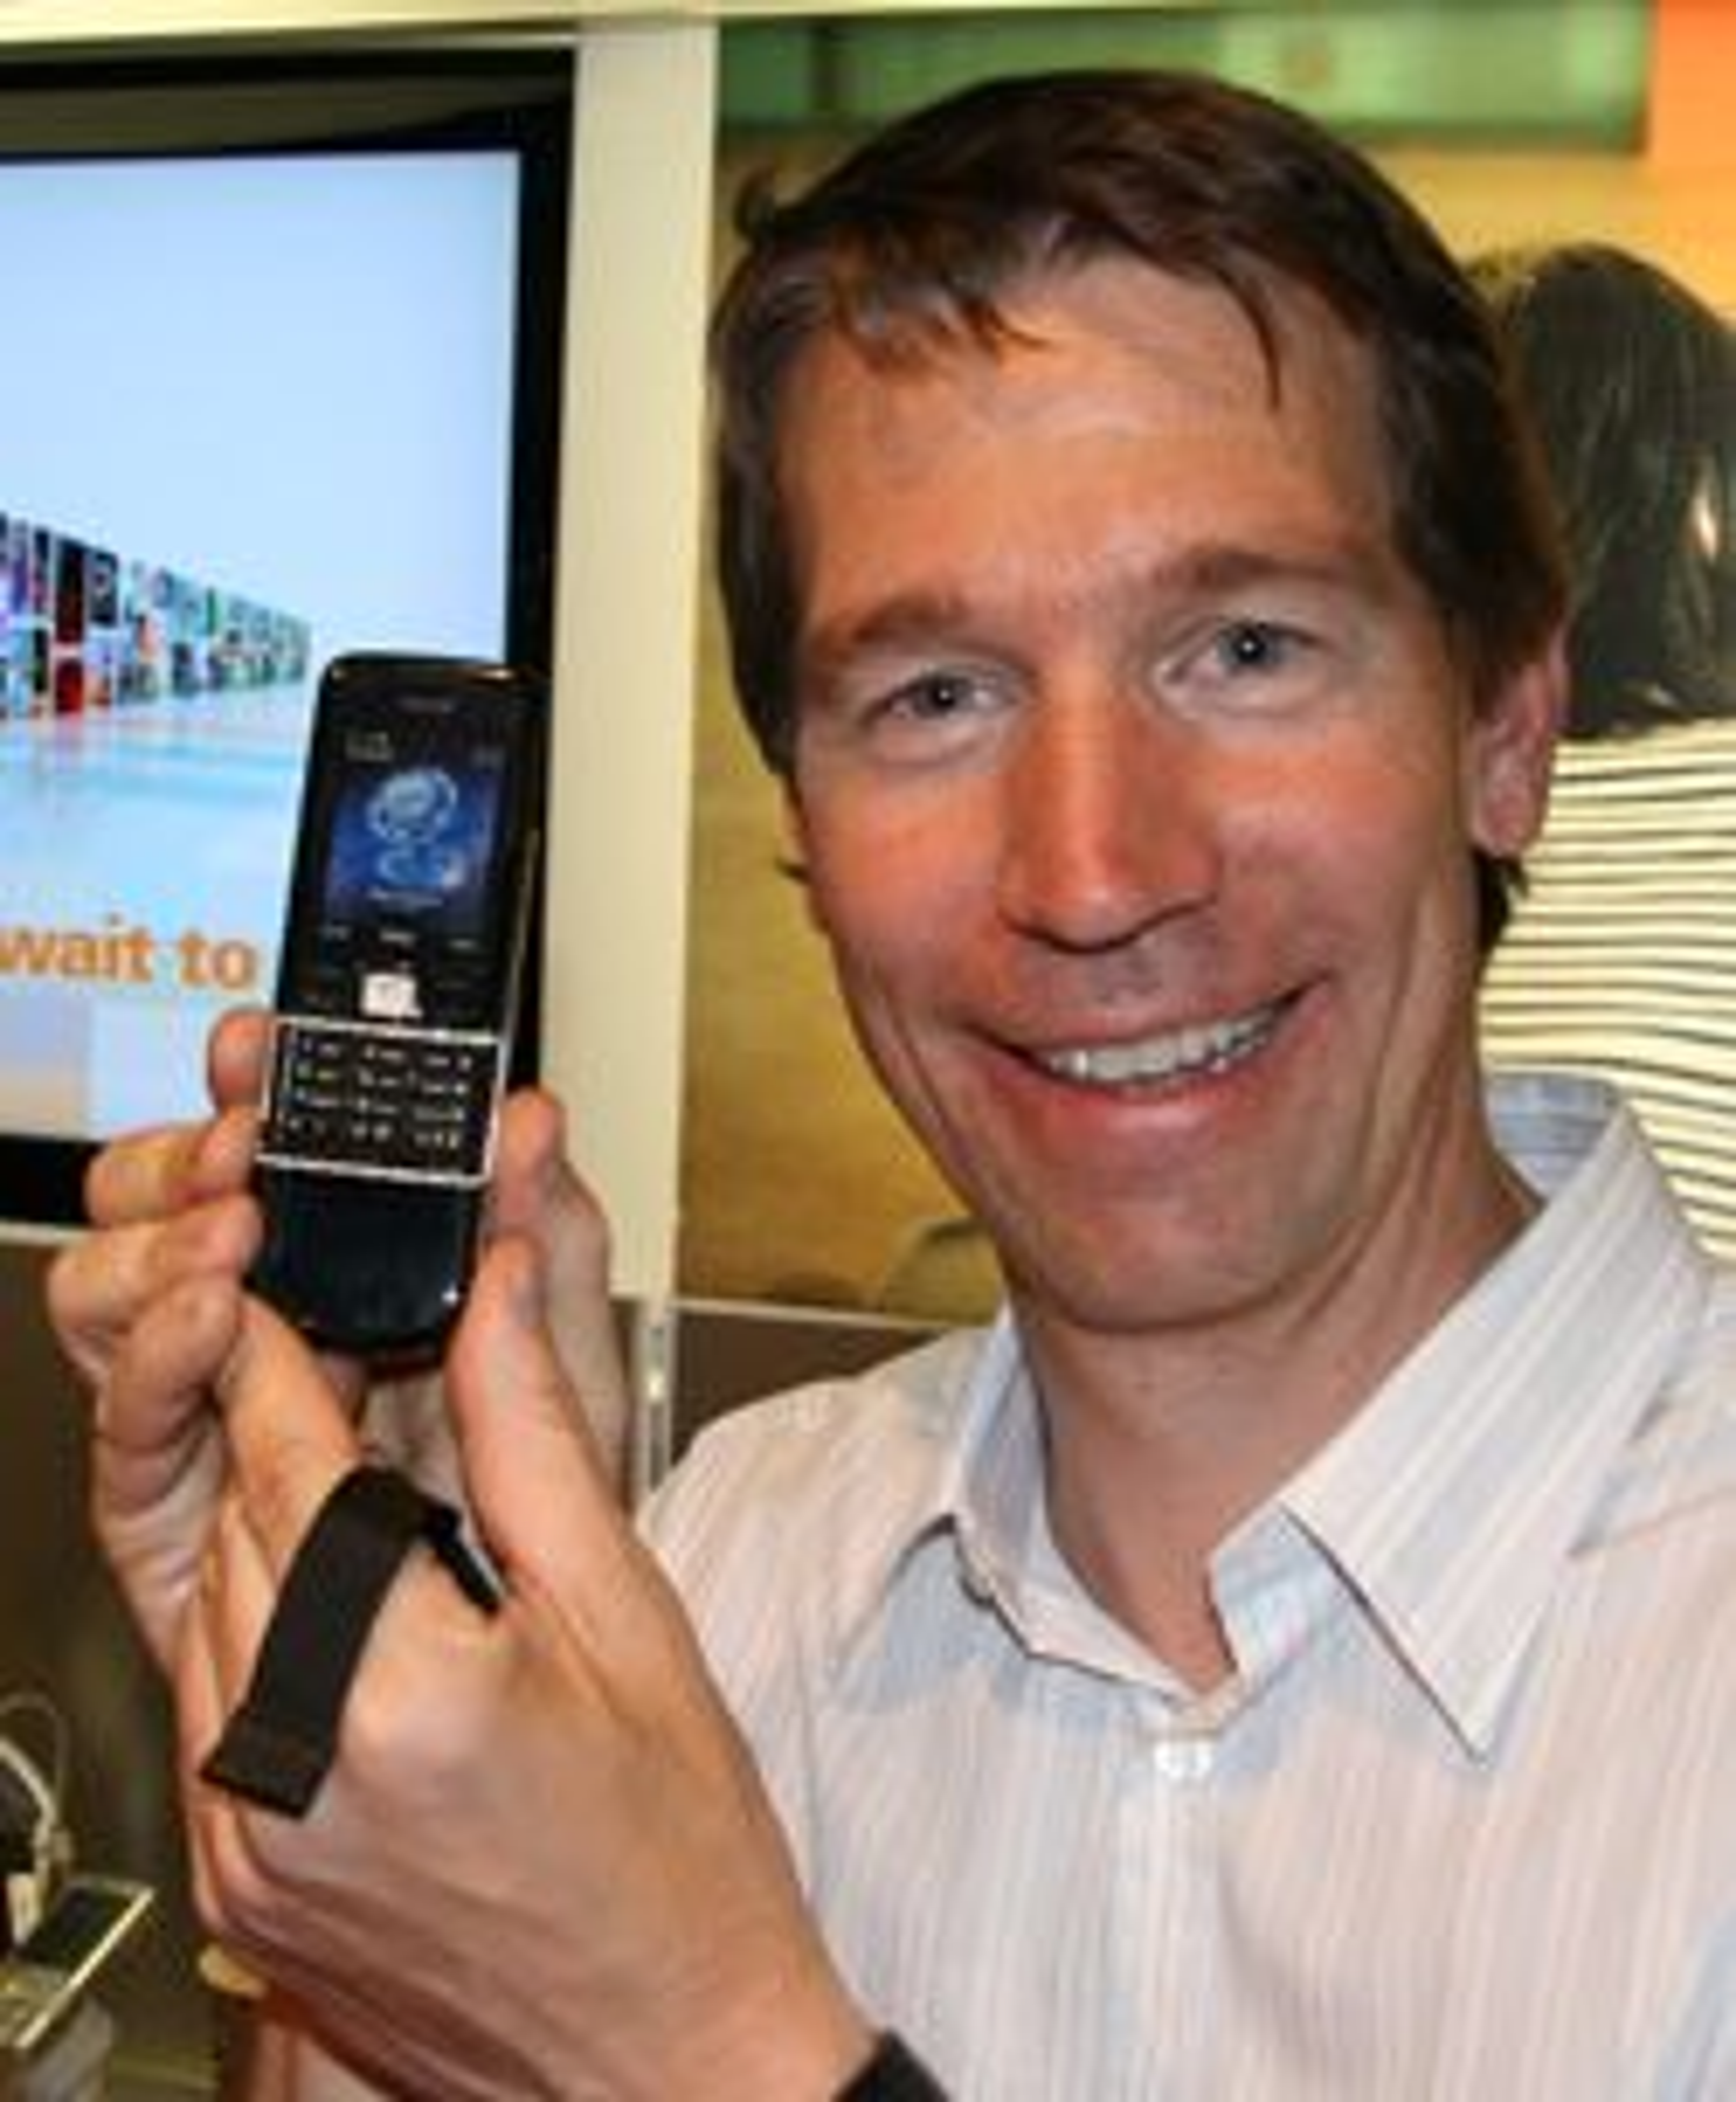 Thomas Heyerdahl viser stolt frem sin utsmykte mobiltelefon.